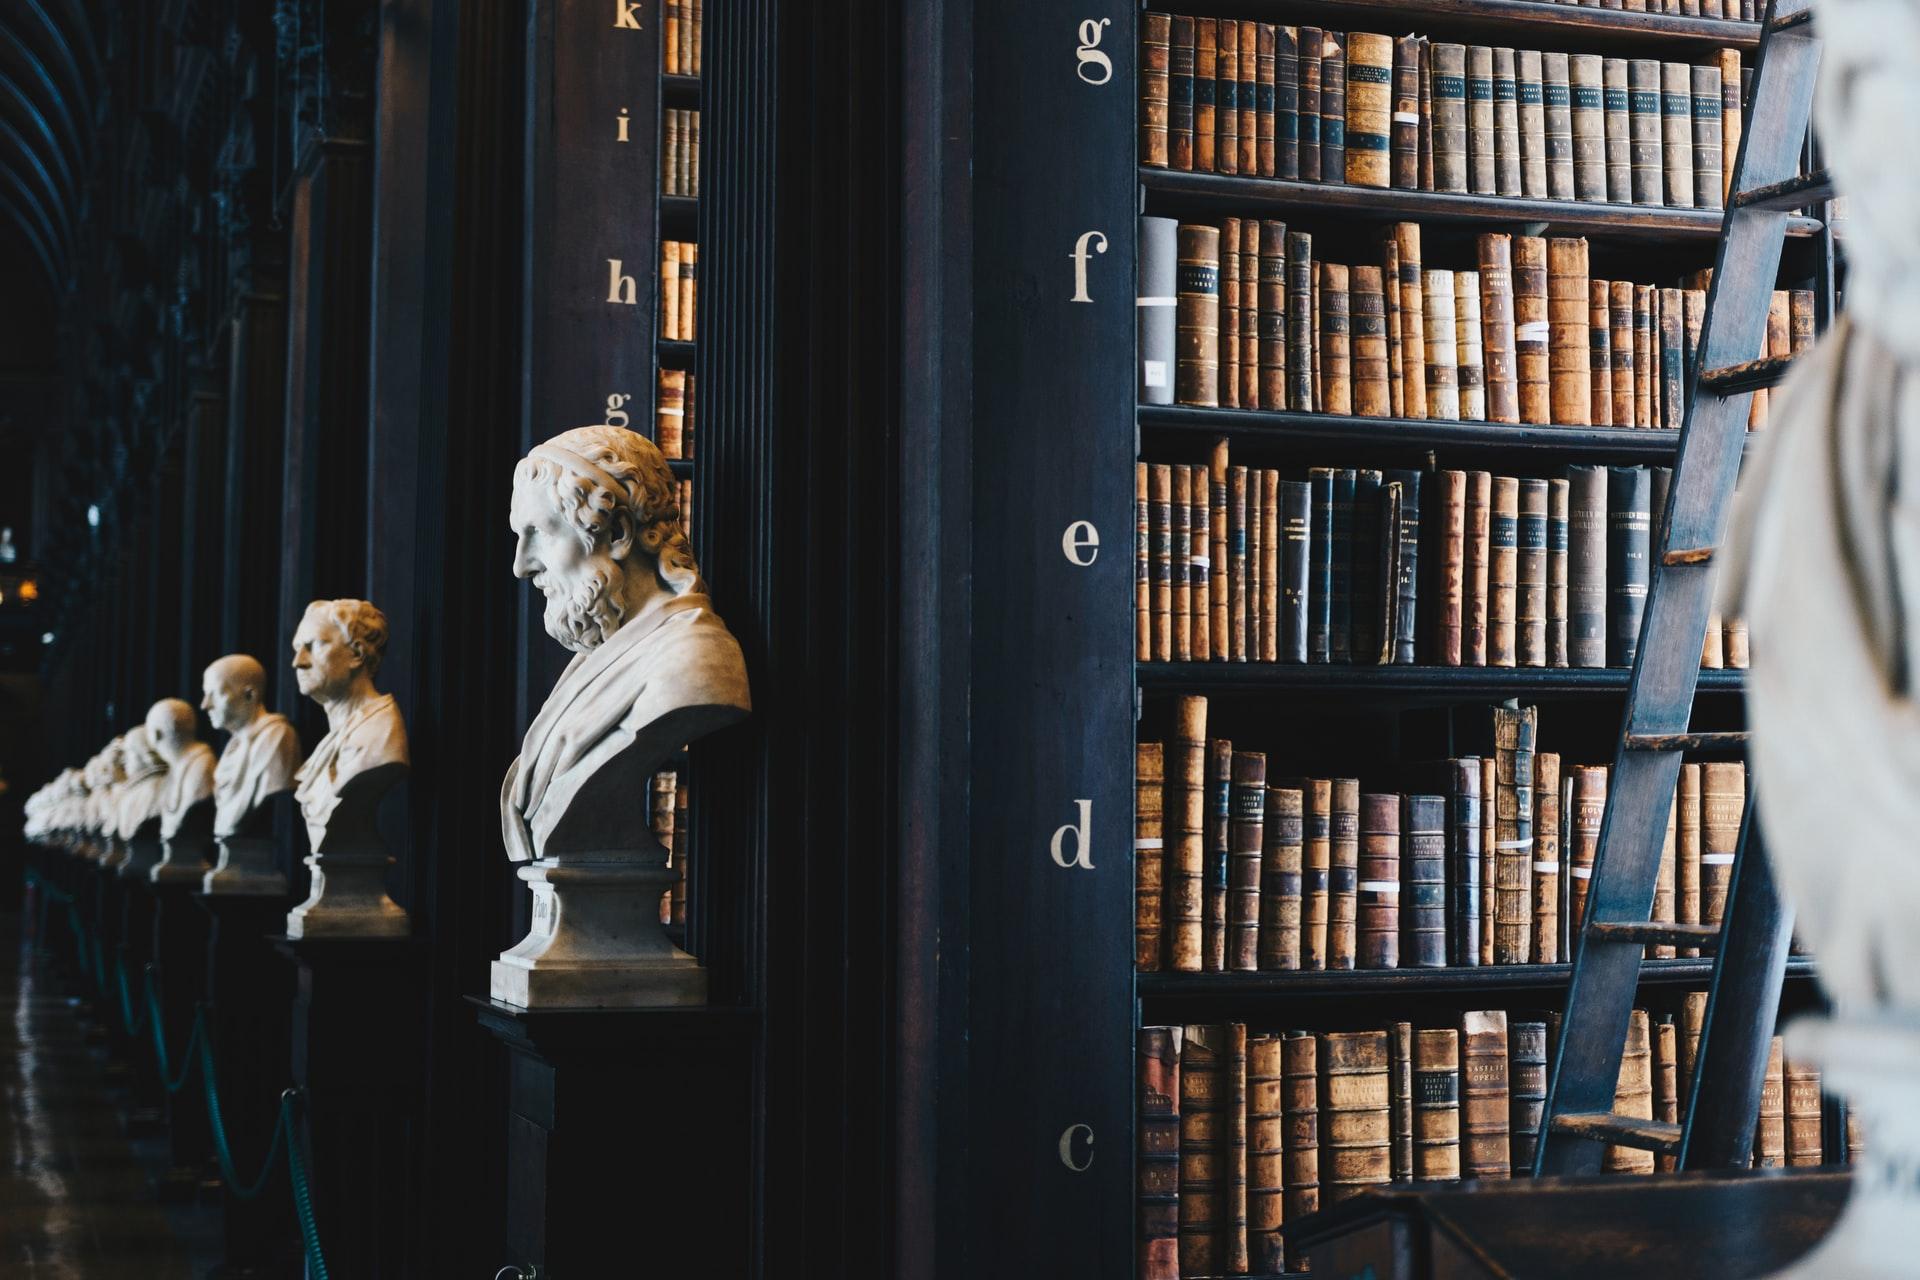 Photographi d'une librairie